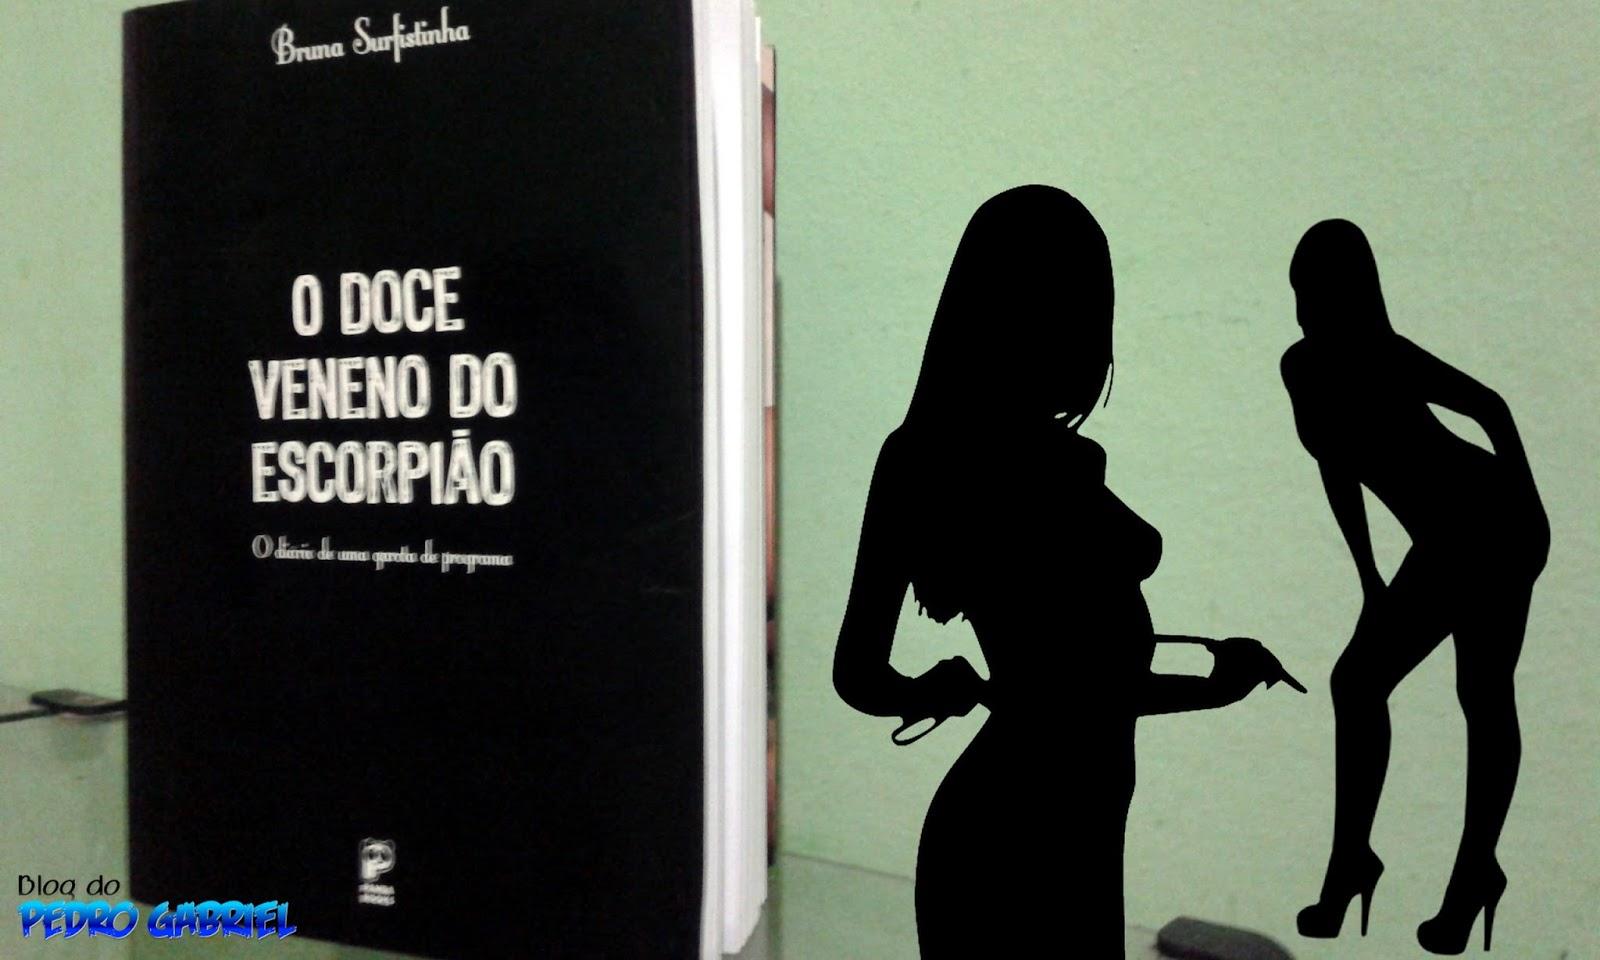 O DO ESCORPIAO PDF DOCE VENENO BAIXAR EM